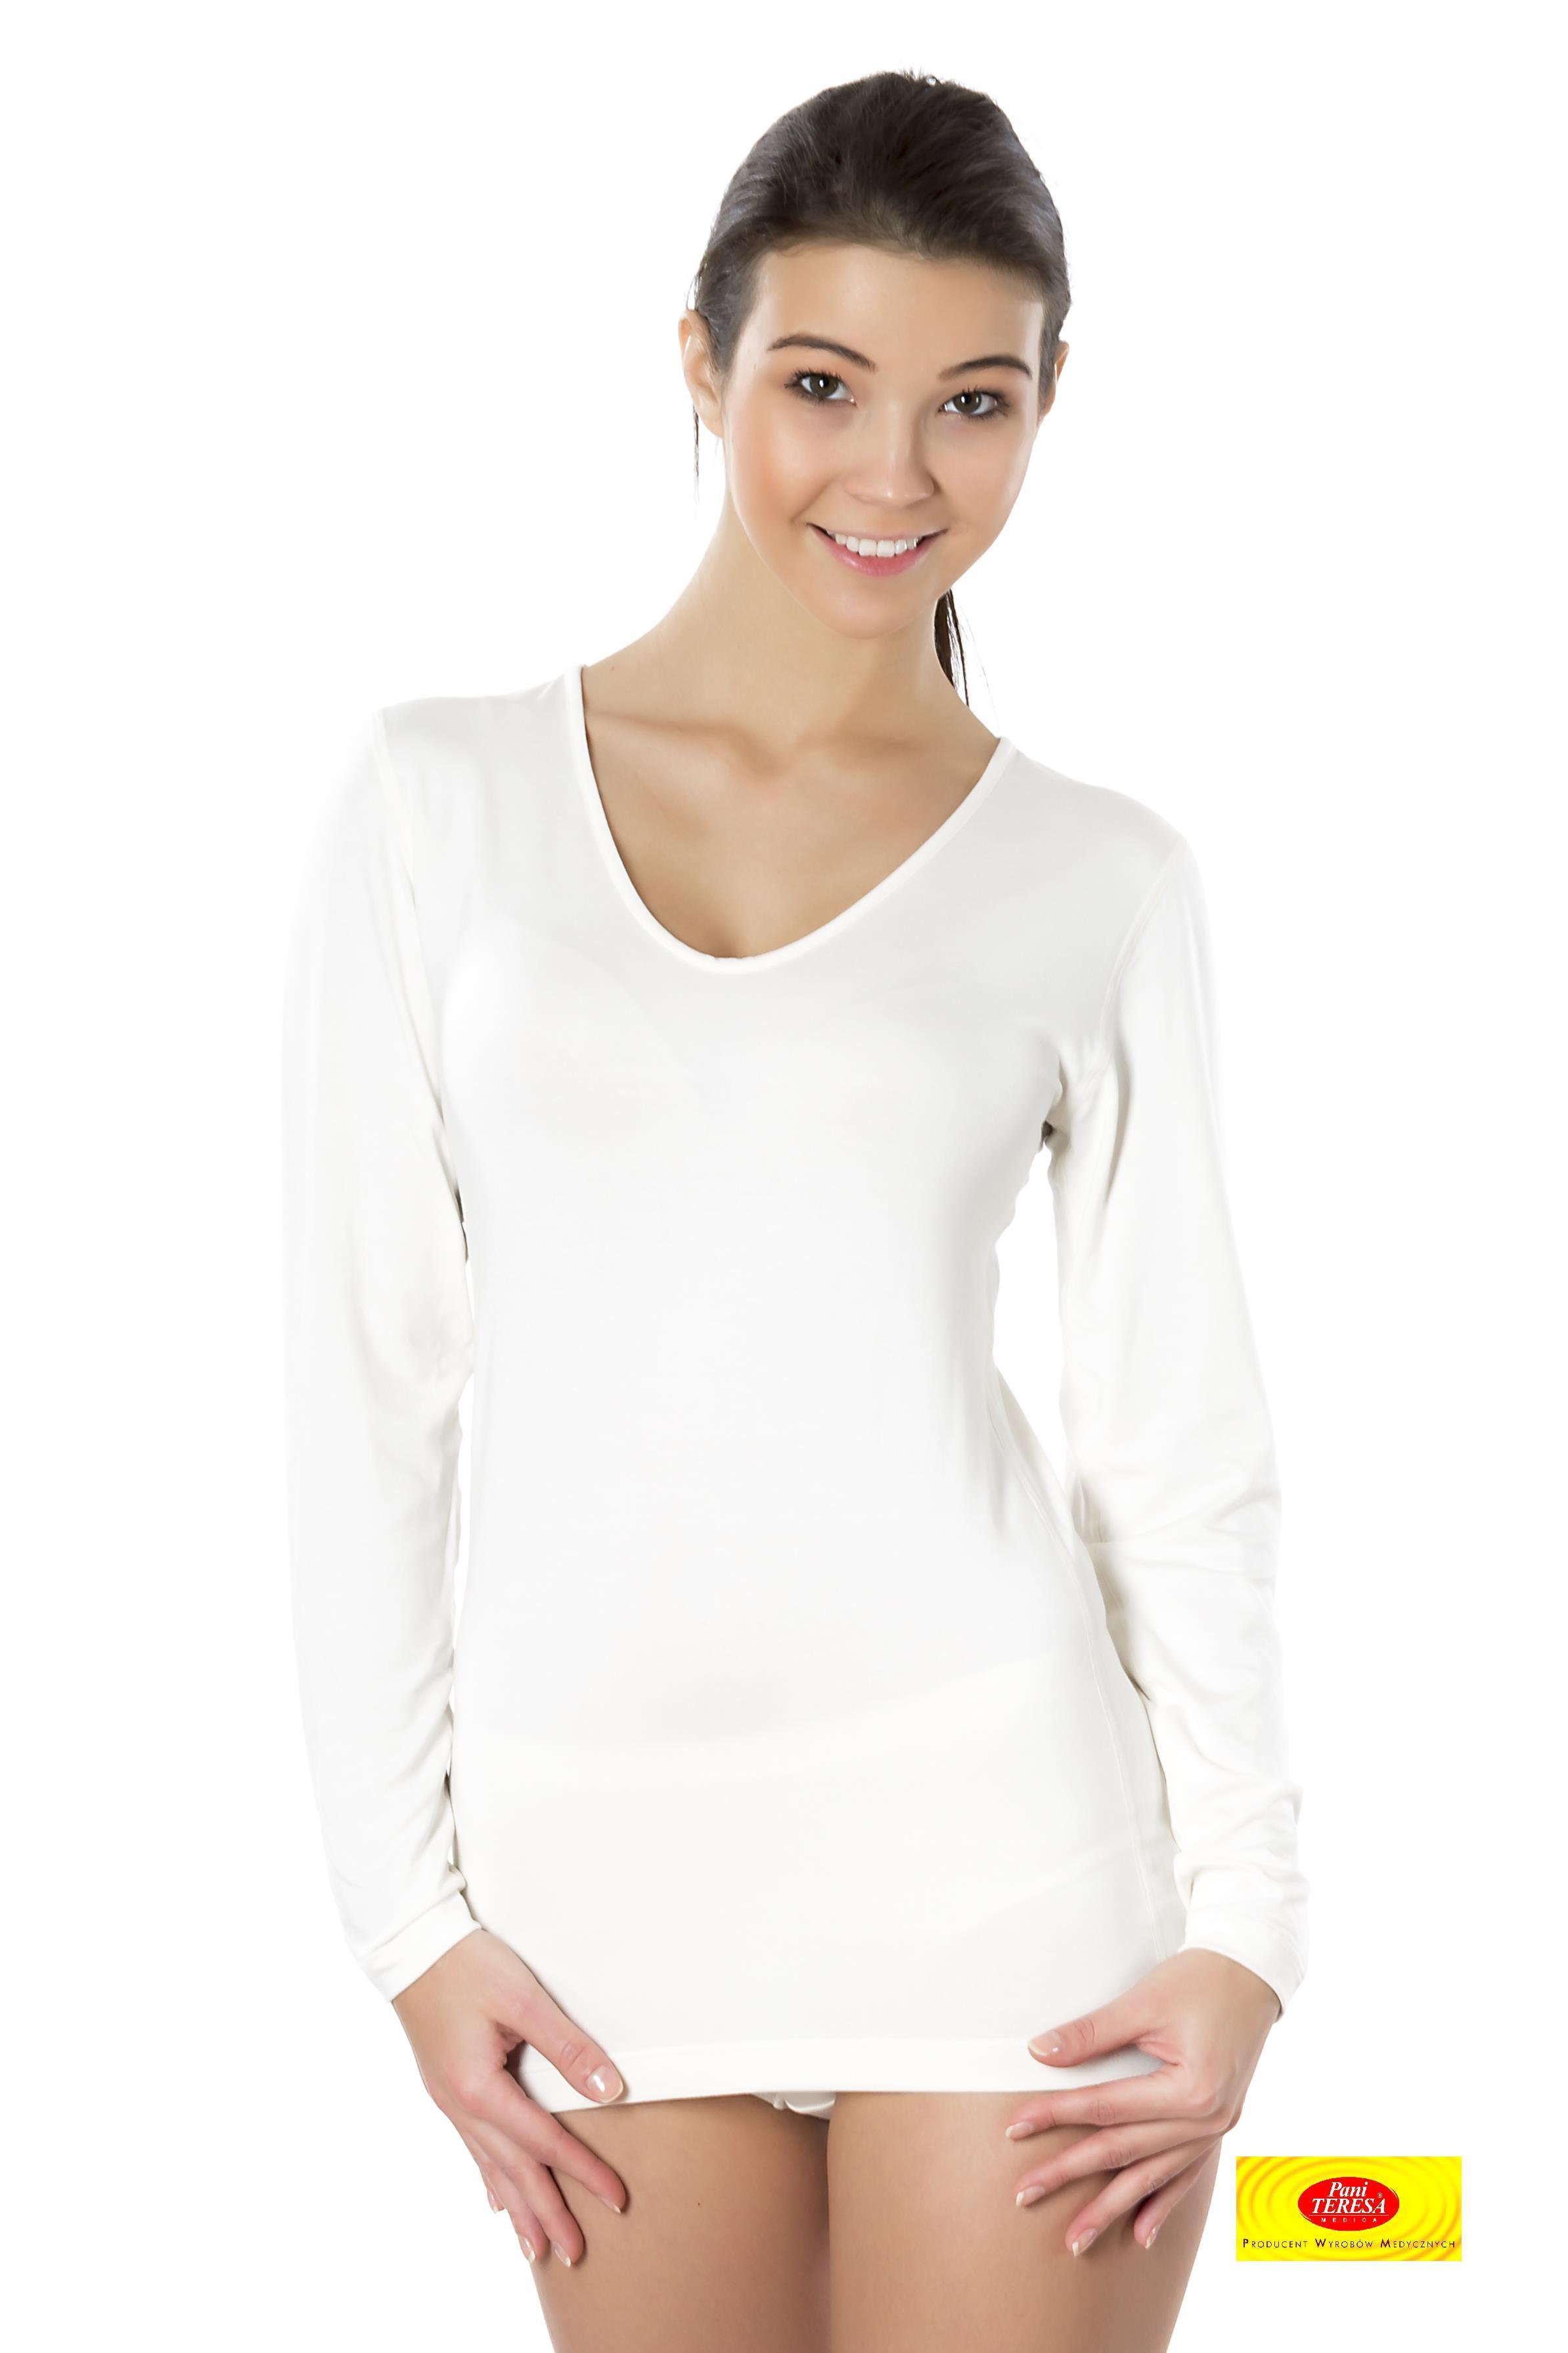 cae71c825c5fa Camiseta Int. Mujer M L Cuello Pico 95% - Salutex